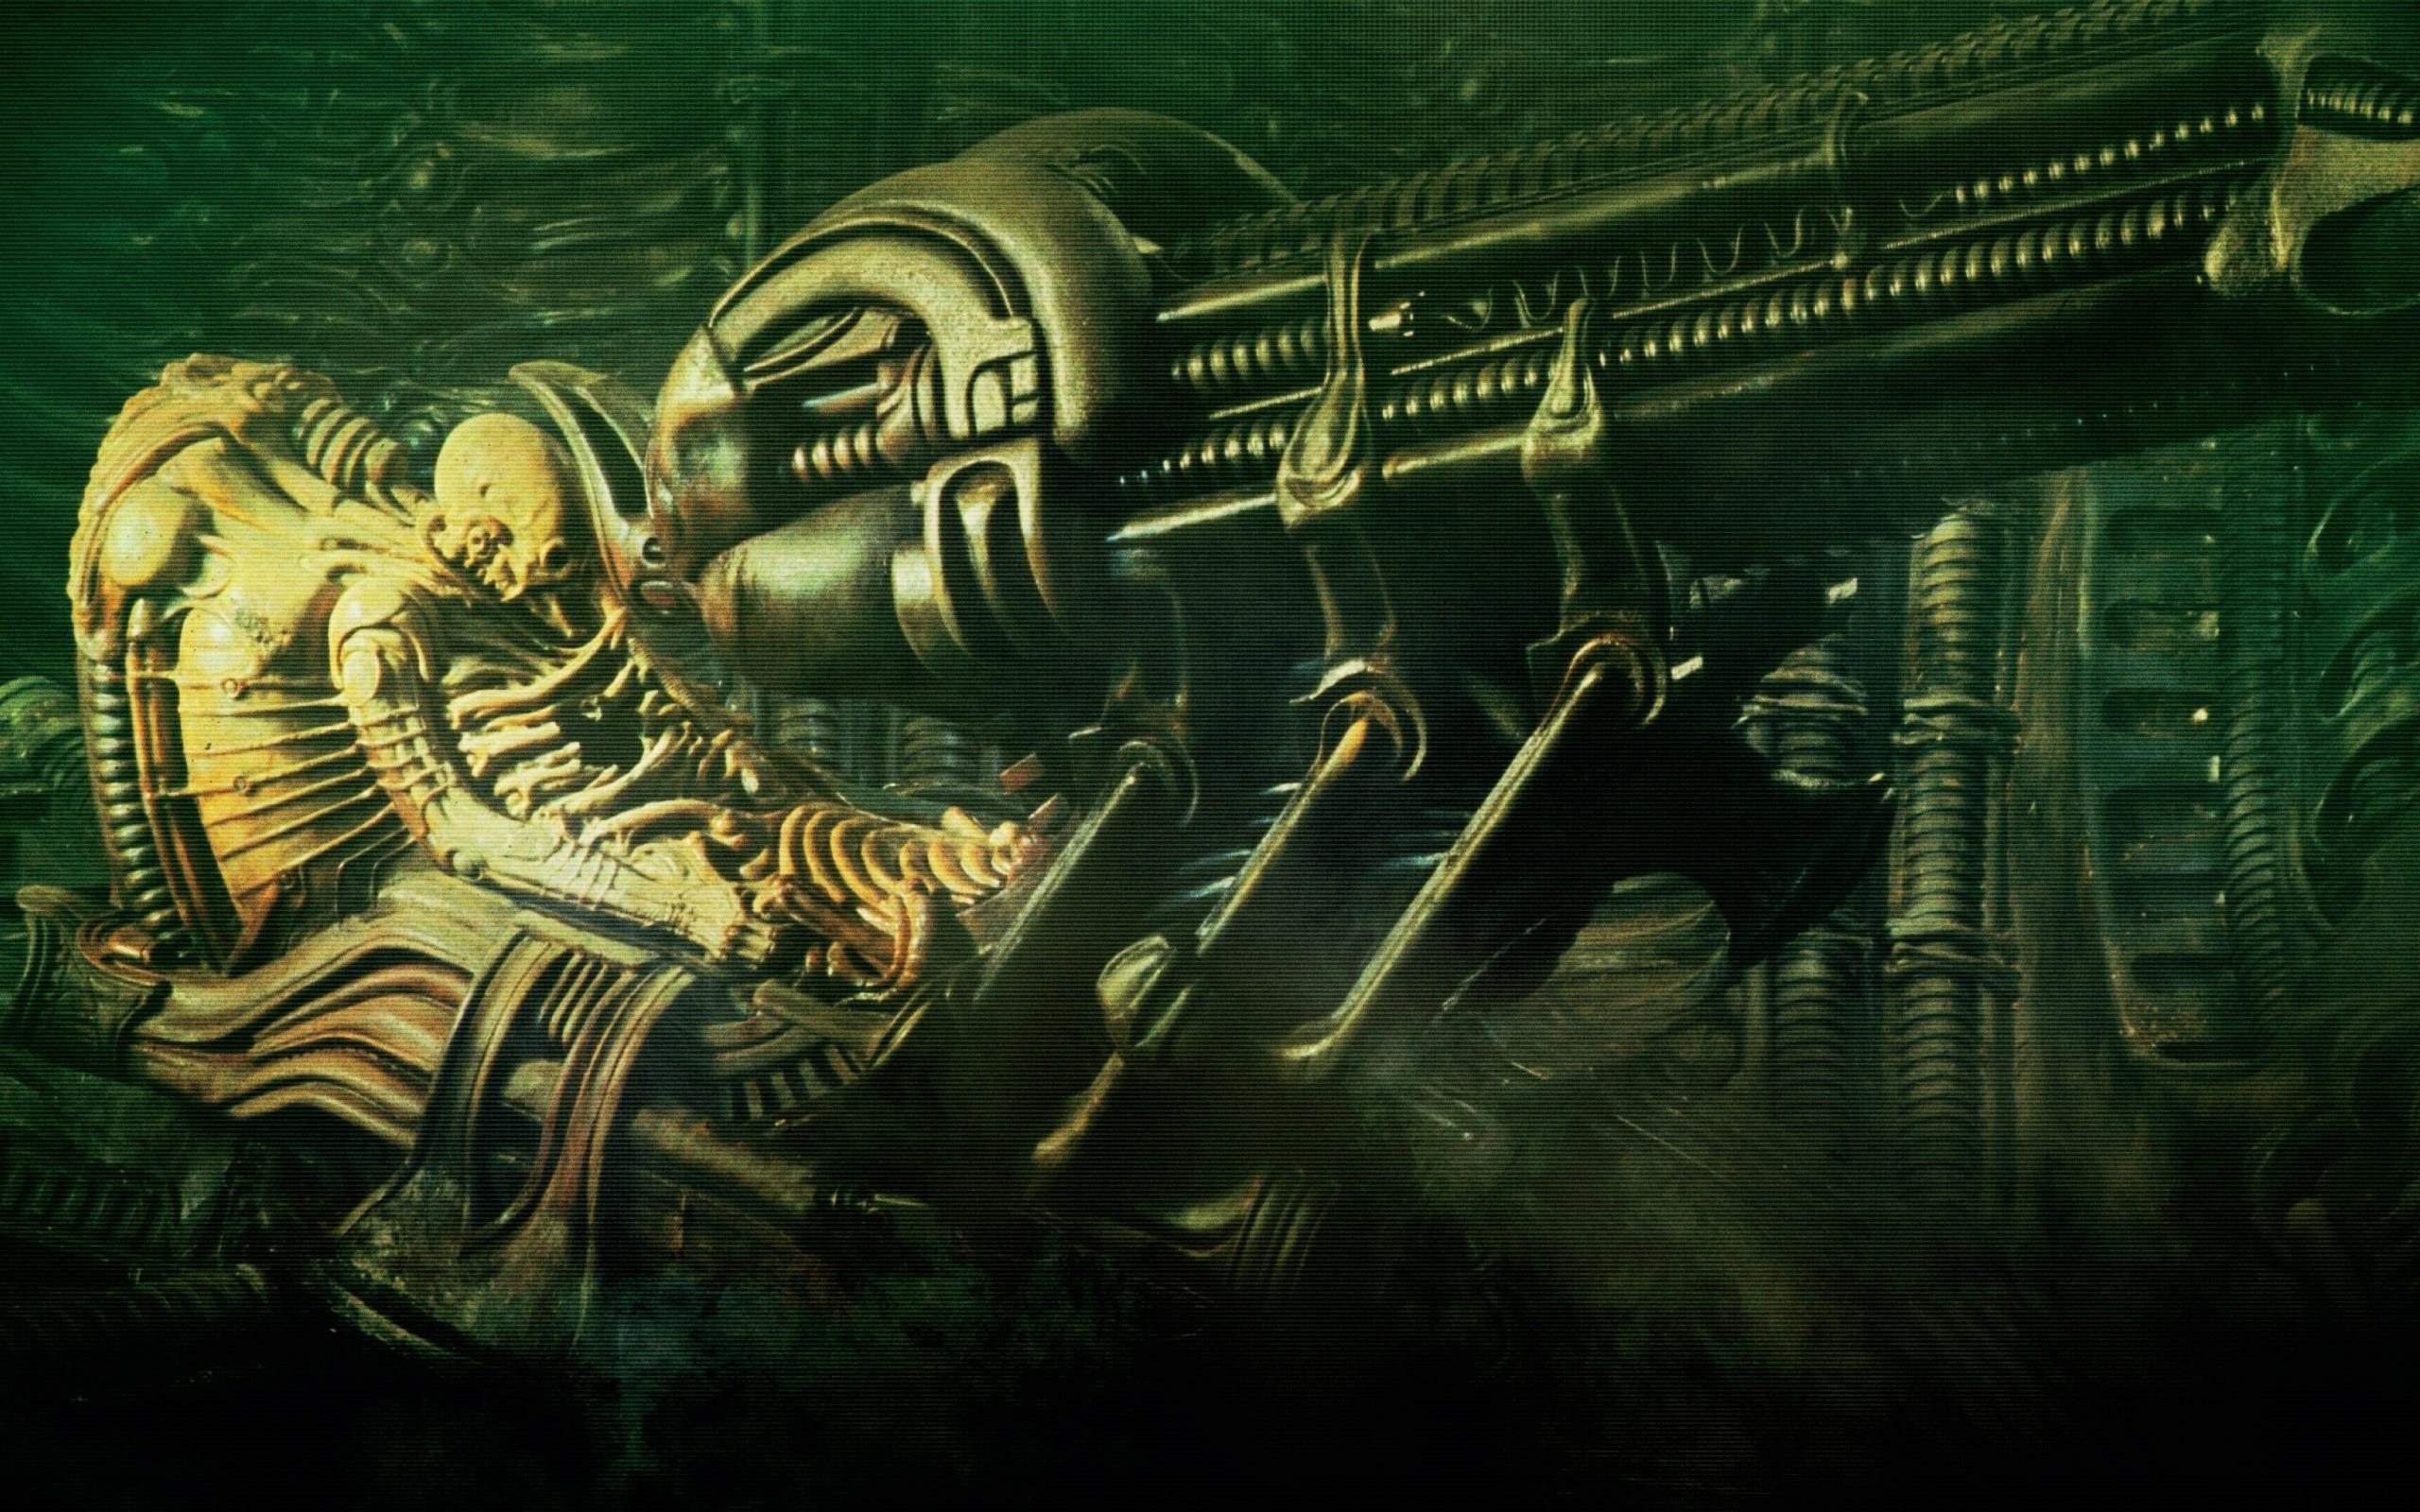 Giger Wallpaper (70+ images) H.r. Giger Alien Wallpaper